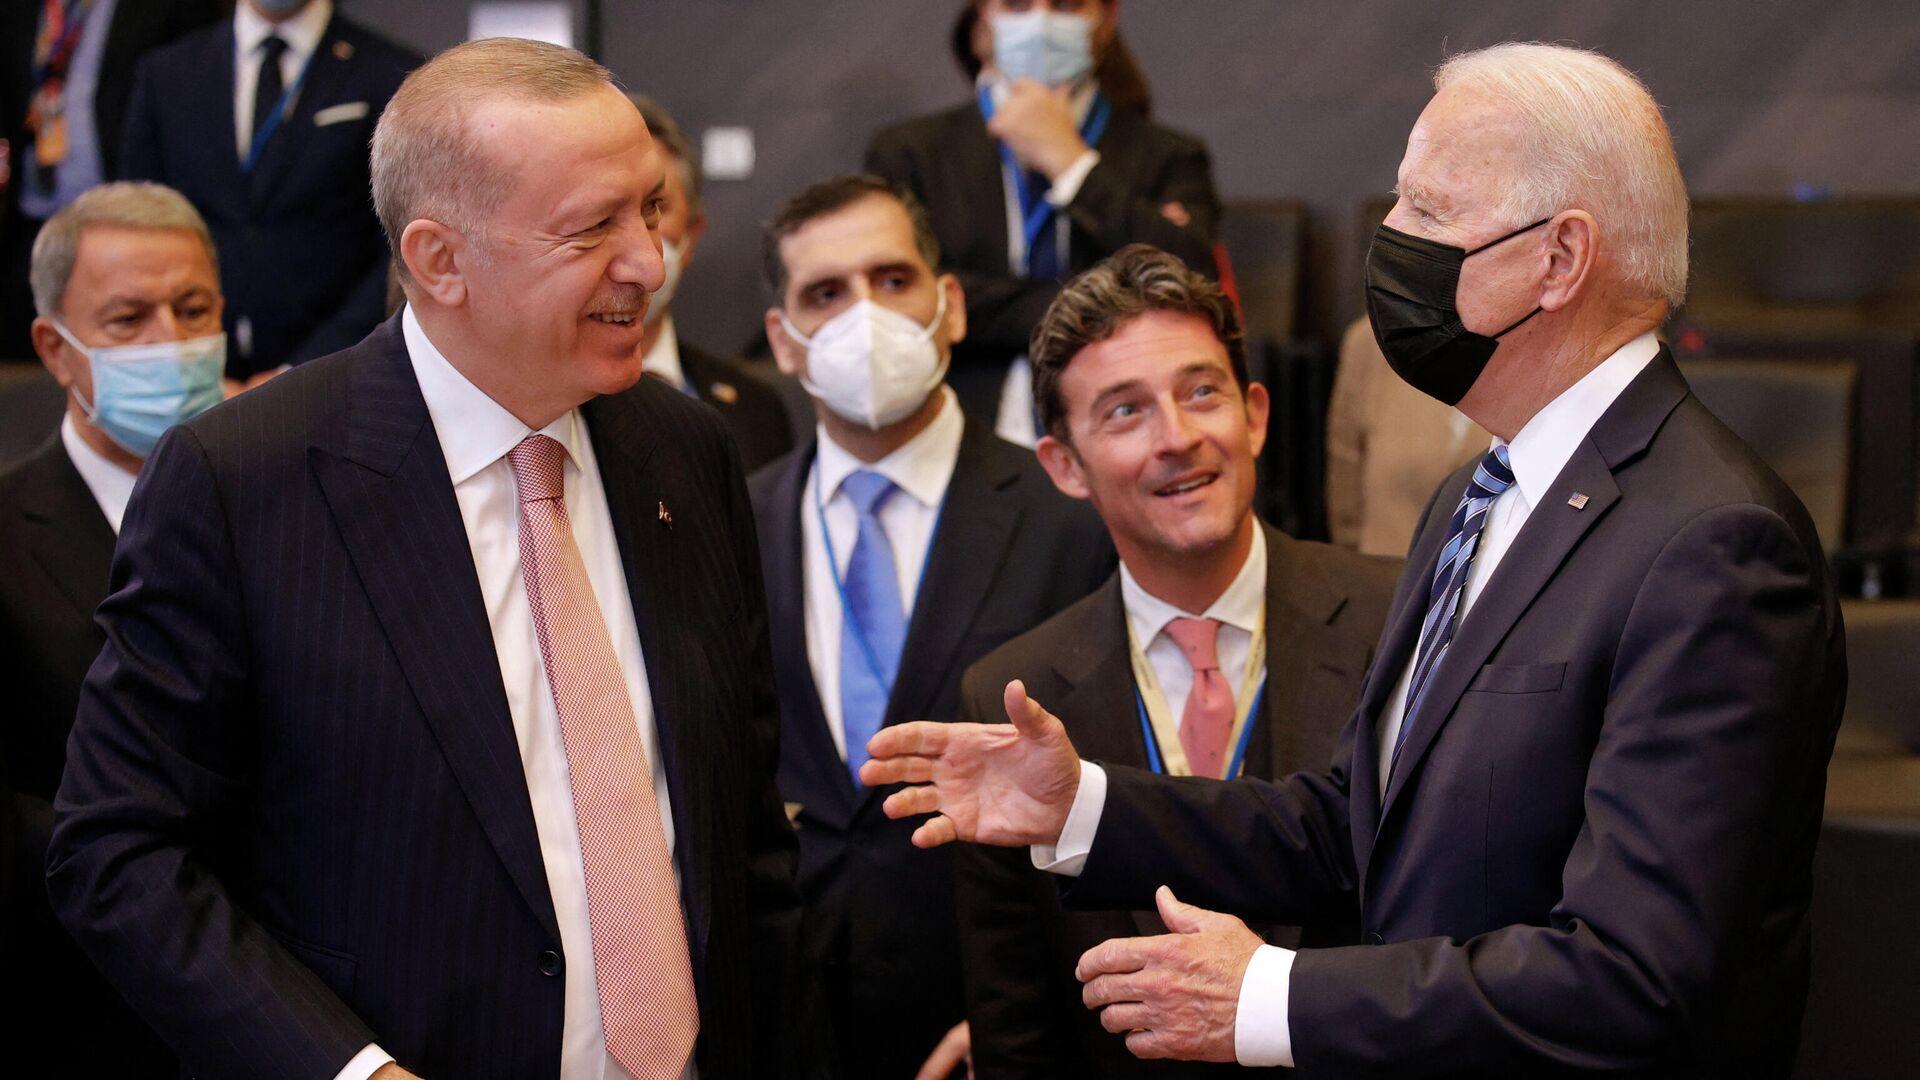 Президент США Джо Байден беседует с президентом Турции Реджепом Тайипом Эрдоганом перед пленарным заседанием саммита НАТО в штаб-квартире в Брюсселе  - РИА Новости, 1920, 24.09.2021